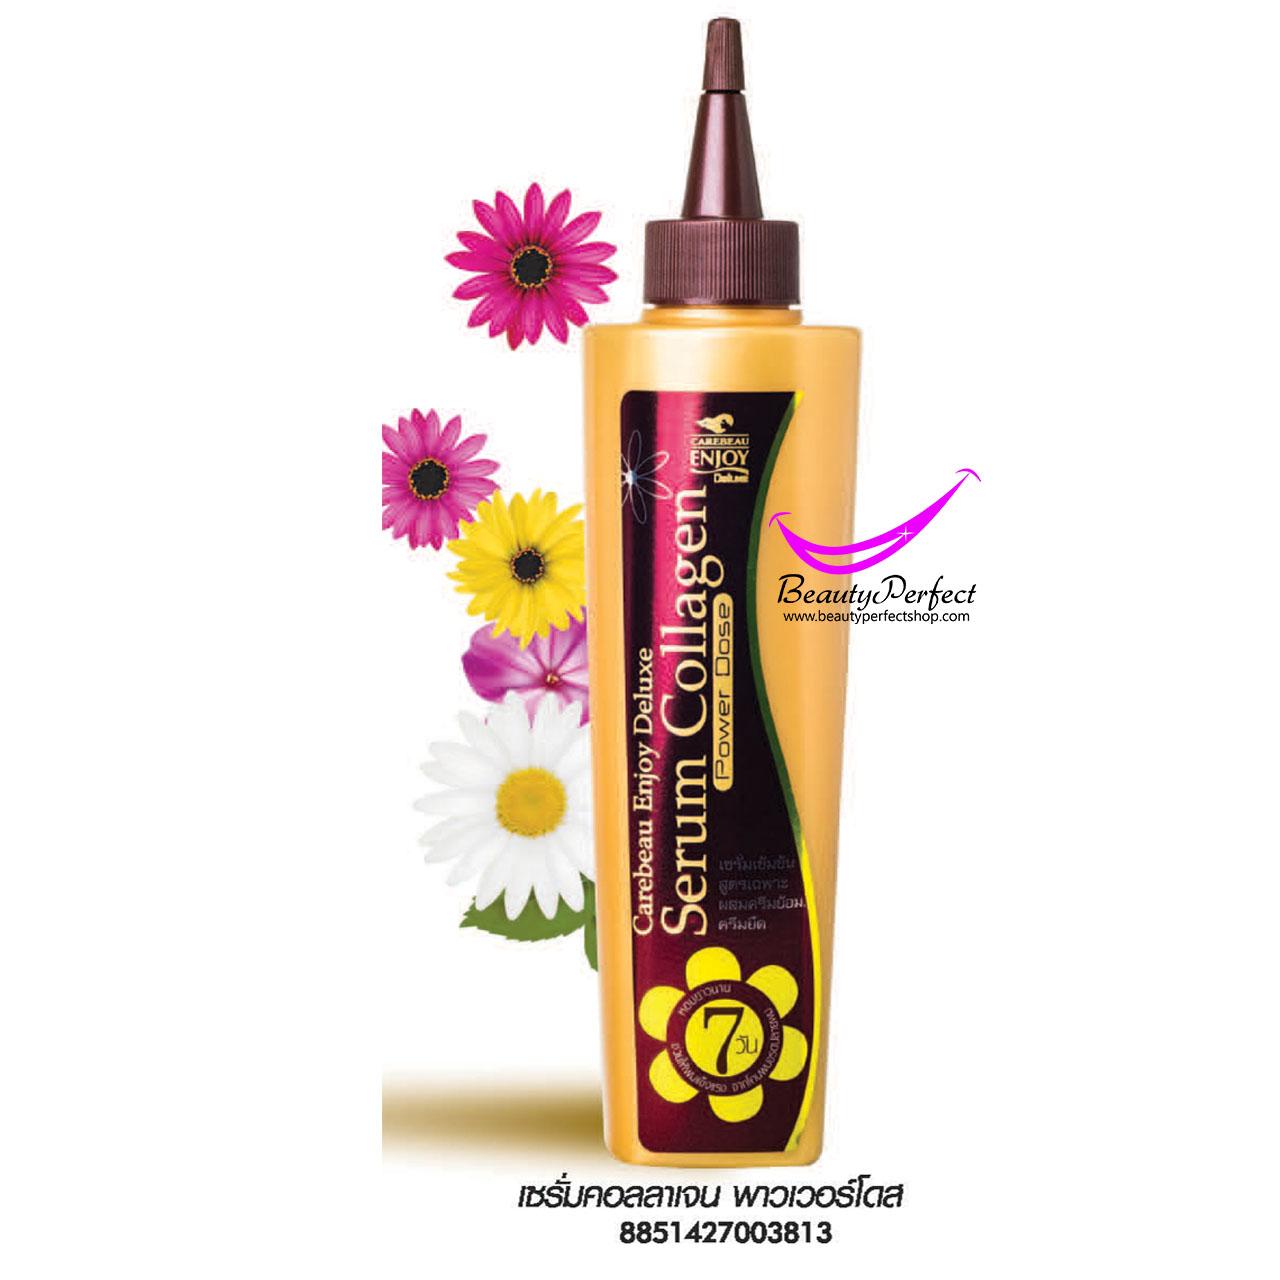 Serum Collagen Power Dose 150g ใส่ย้อม/ดัด/นวด